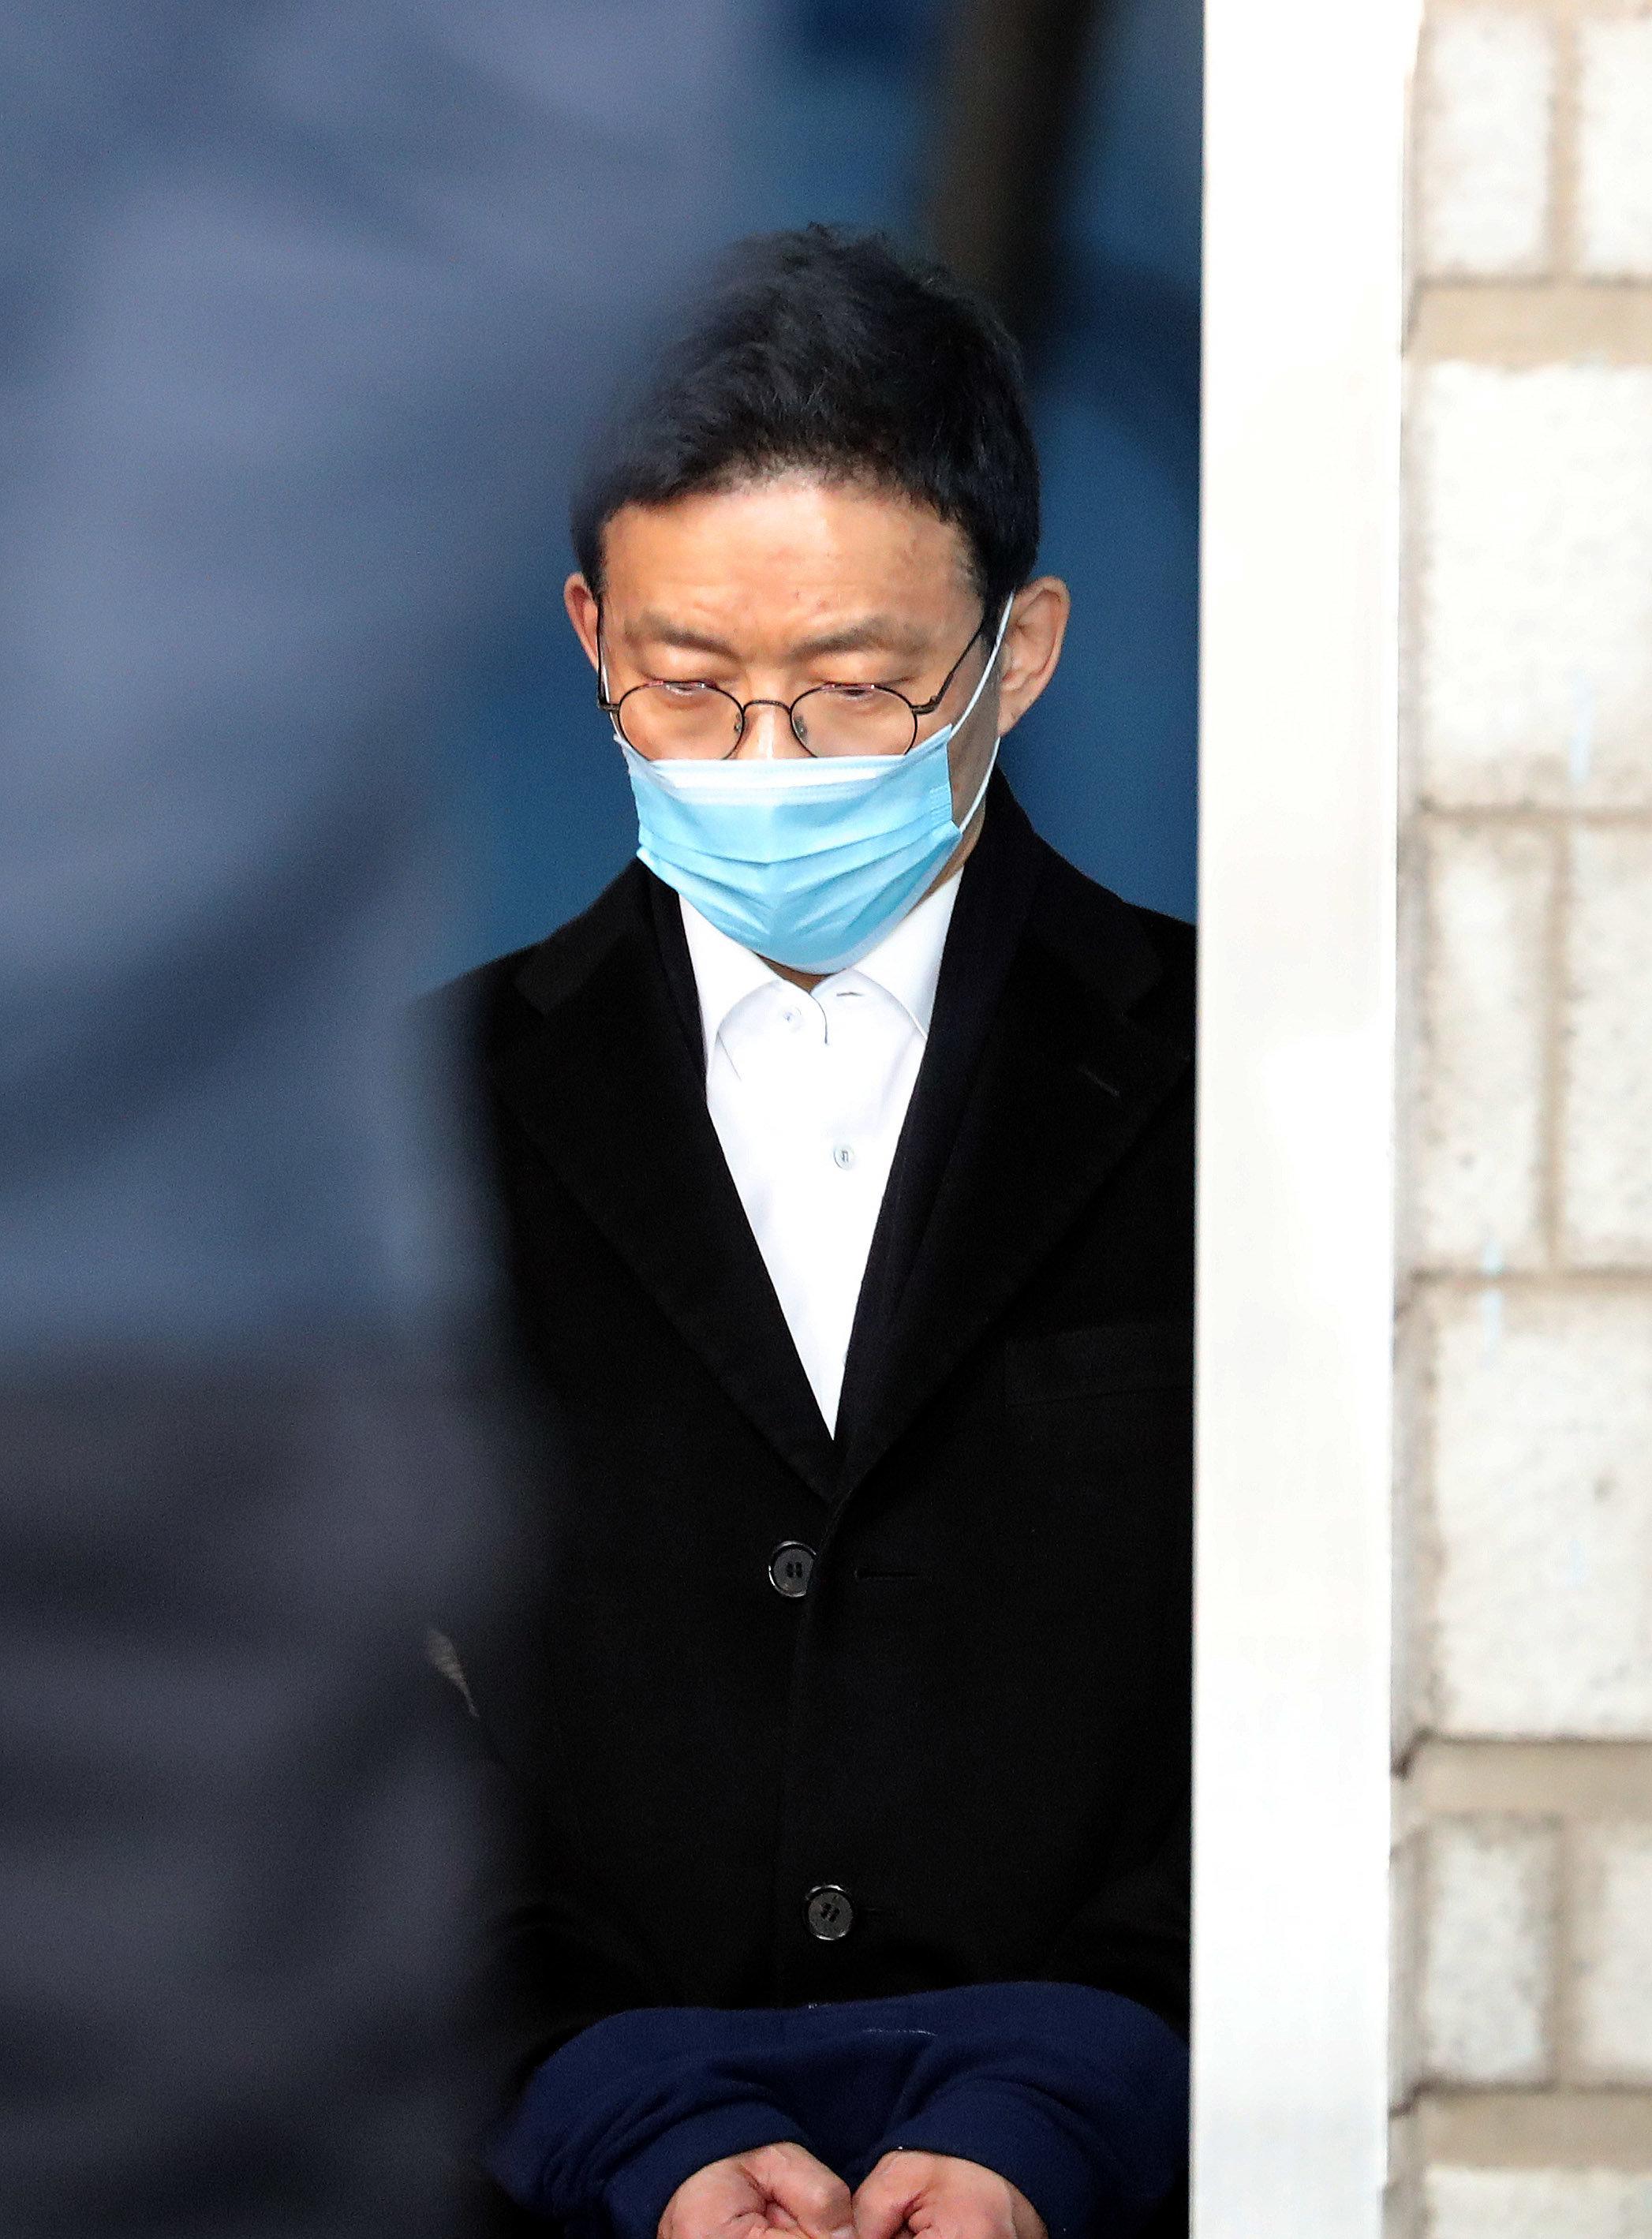 안태근 前 검사장이 법정 구속 직전 한숨 쉬며 한 말들